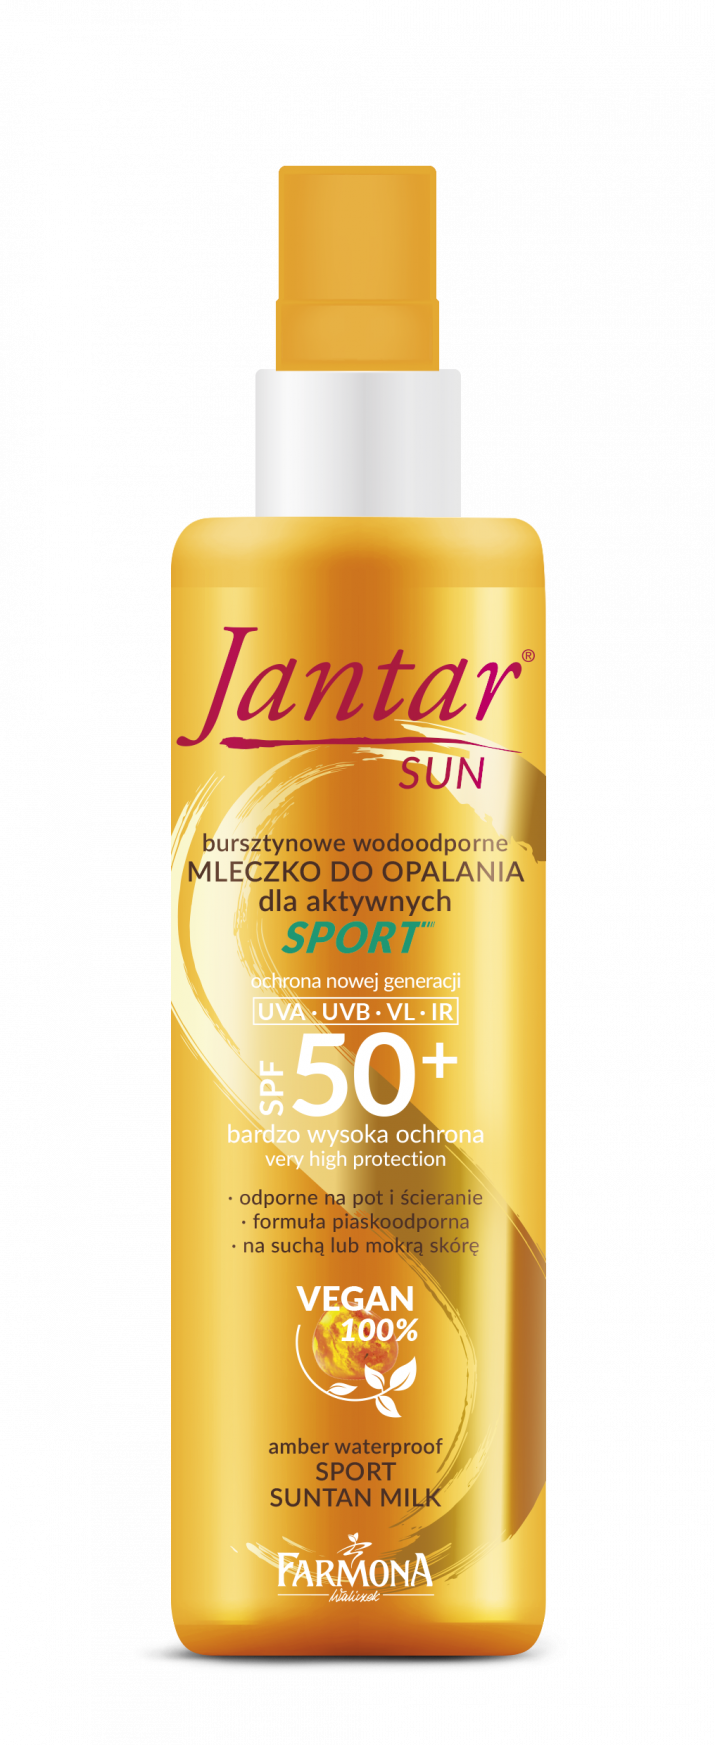 Jantar_SUN_mleczko-do-opalania-SPORT-SPF50_wiz